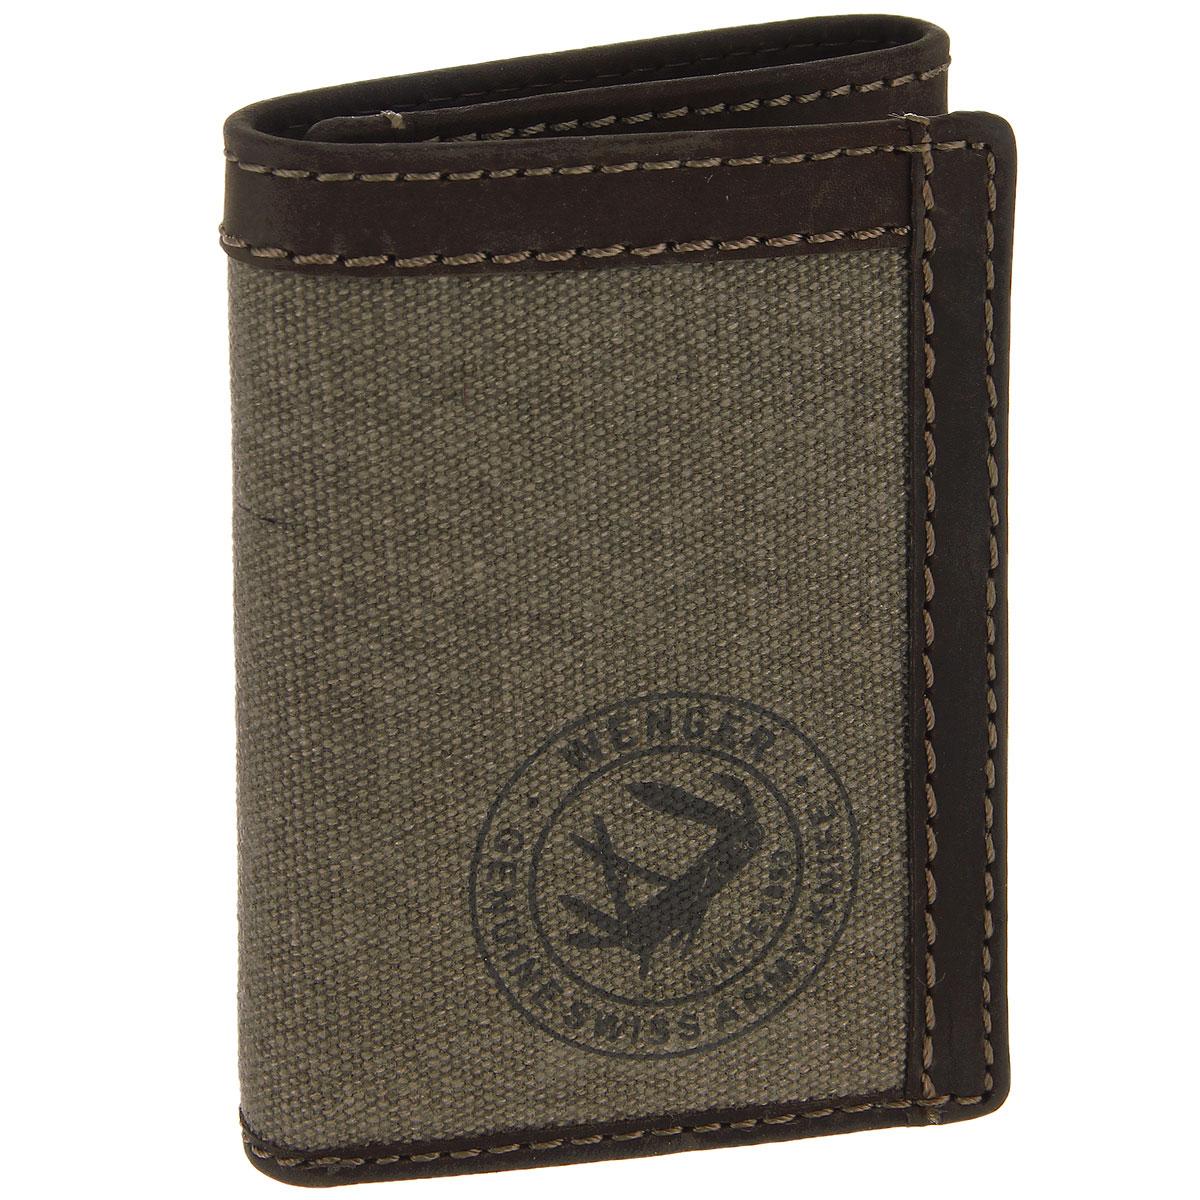 Портмоне мужское Wenger, цвет: коричневый. W19-08W19-08BROWNТрендовое мужское портмоне Wenger изготовлено из натуральной кожи и текстиля, оформлено светлой прострочкой, а также логотипом бренда на лицевой стороне. Внутри - одно отделение для купюр, два боковых кармана, карман с окошком из прозрачного пластика и шесть прорезей для визиток и кредитных карт. Внутренняя поверхность портмоне отделана твилом с узором гусиная лапка. Изделие упаковано в фирменную коробку. Модное портмоне Wenger займет достойное место среди вашей коллекции аксессуаров. По всем вопросам гарантийного и постгарантийного обслуживания рюкзаков, чемоданов, спортивных и кожаных сумок, а также портмоне марок Wenger и SwissGear вы можете обратиться в сервис-центр, расположенный по адресу: г. Москва, Саввинская набережная, д.3. Тел: (495) 788-39-96, (499) 248-56-56, ежедневно с 9:00 до 21:00. Подробные условия гарантийного обслуживания приведены в гарантийном талоне, поставляемым в комплекте с каждым изделием. Бесплатный ремонт изделий...